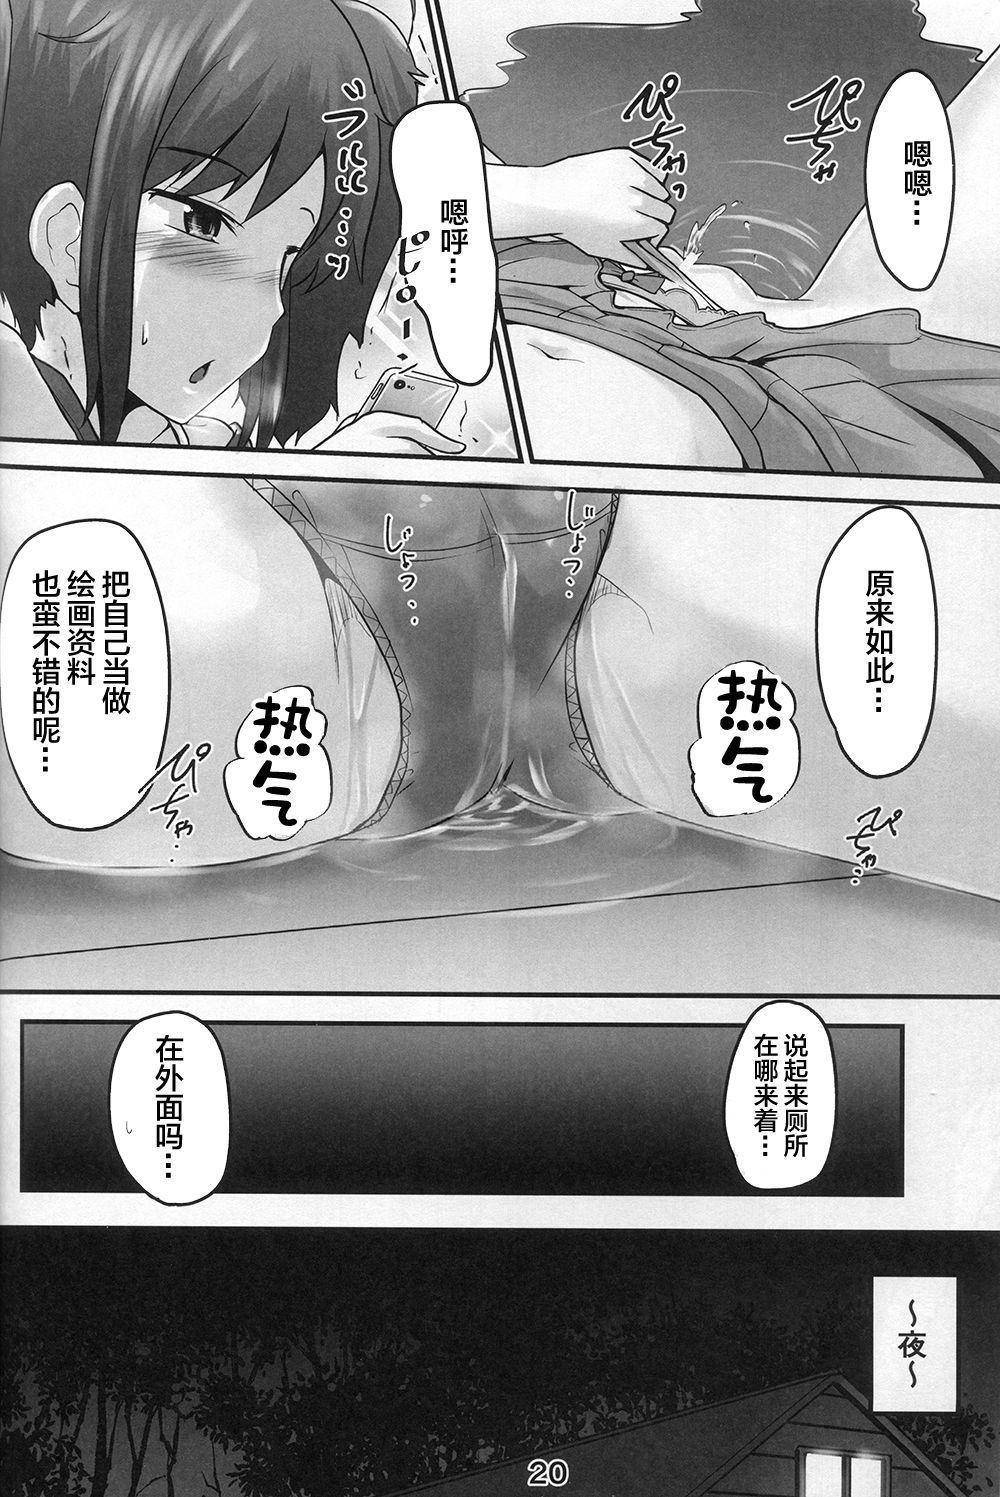 Suzu no Shitatari 23 19